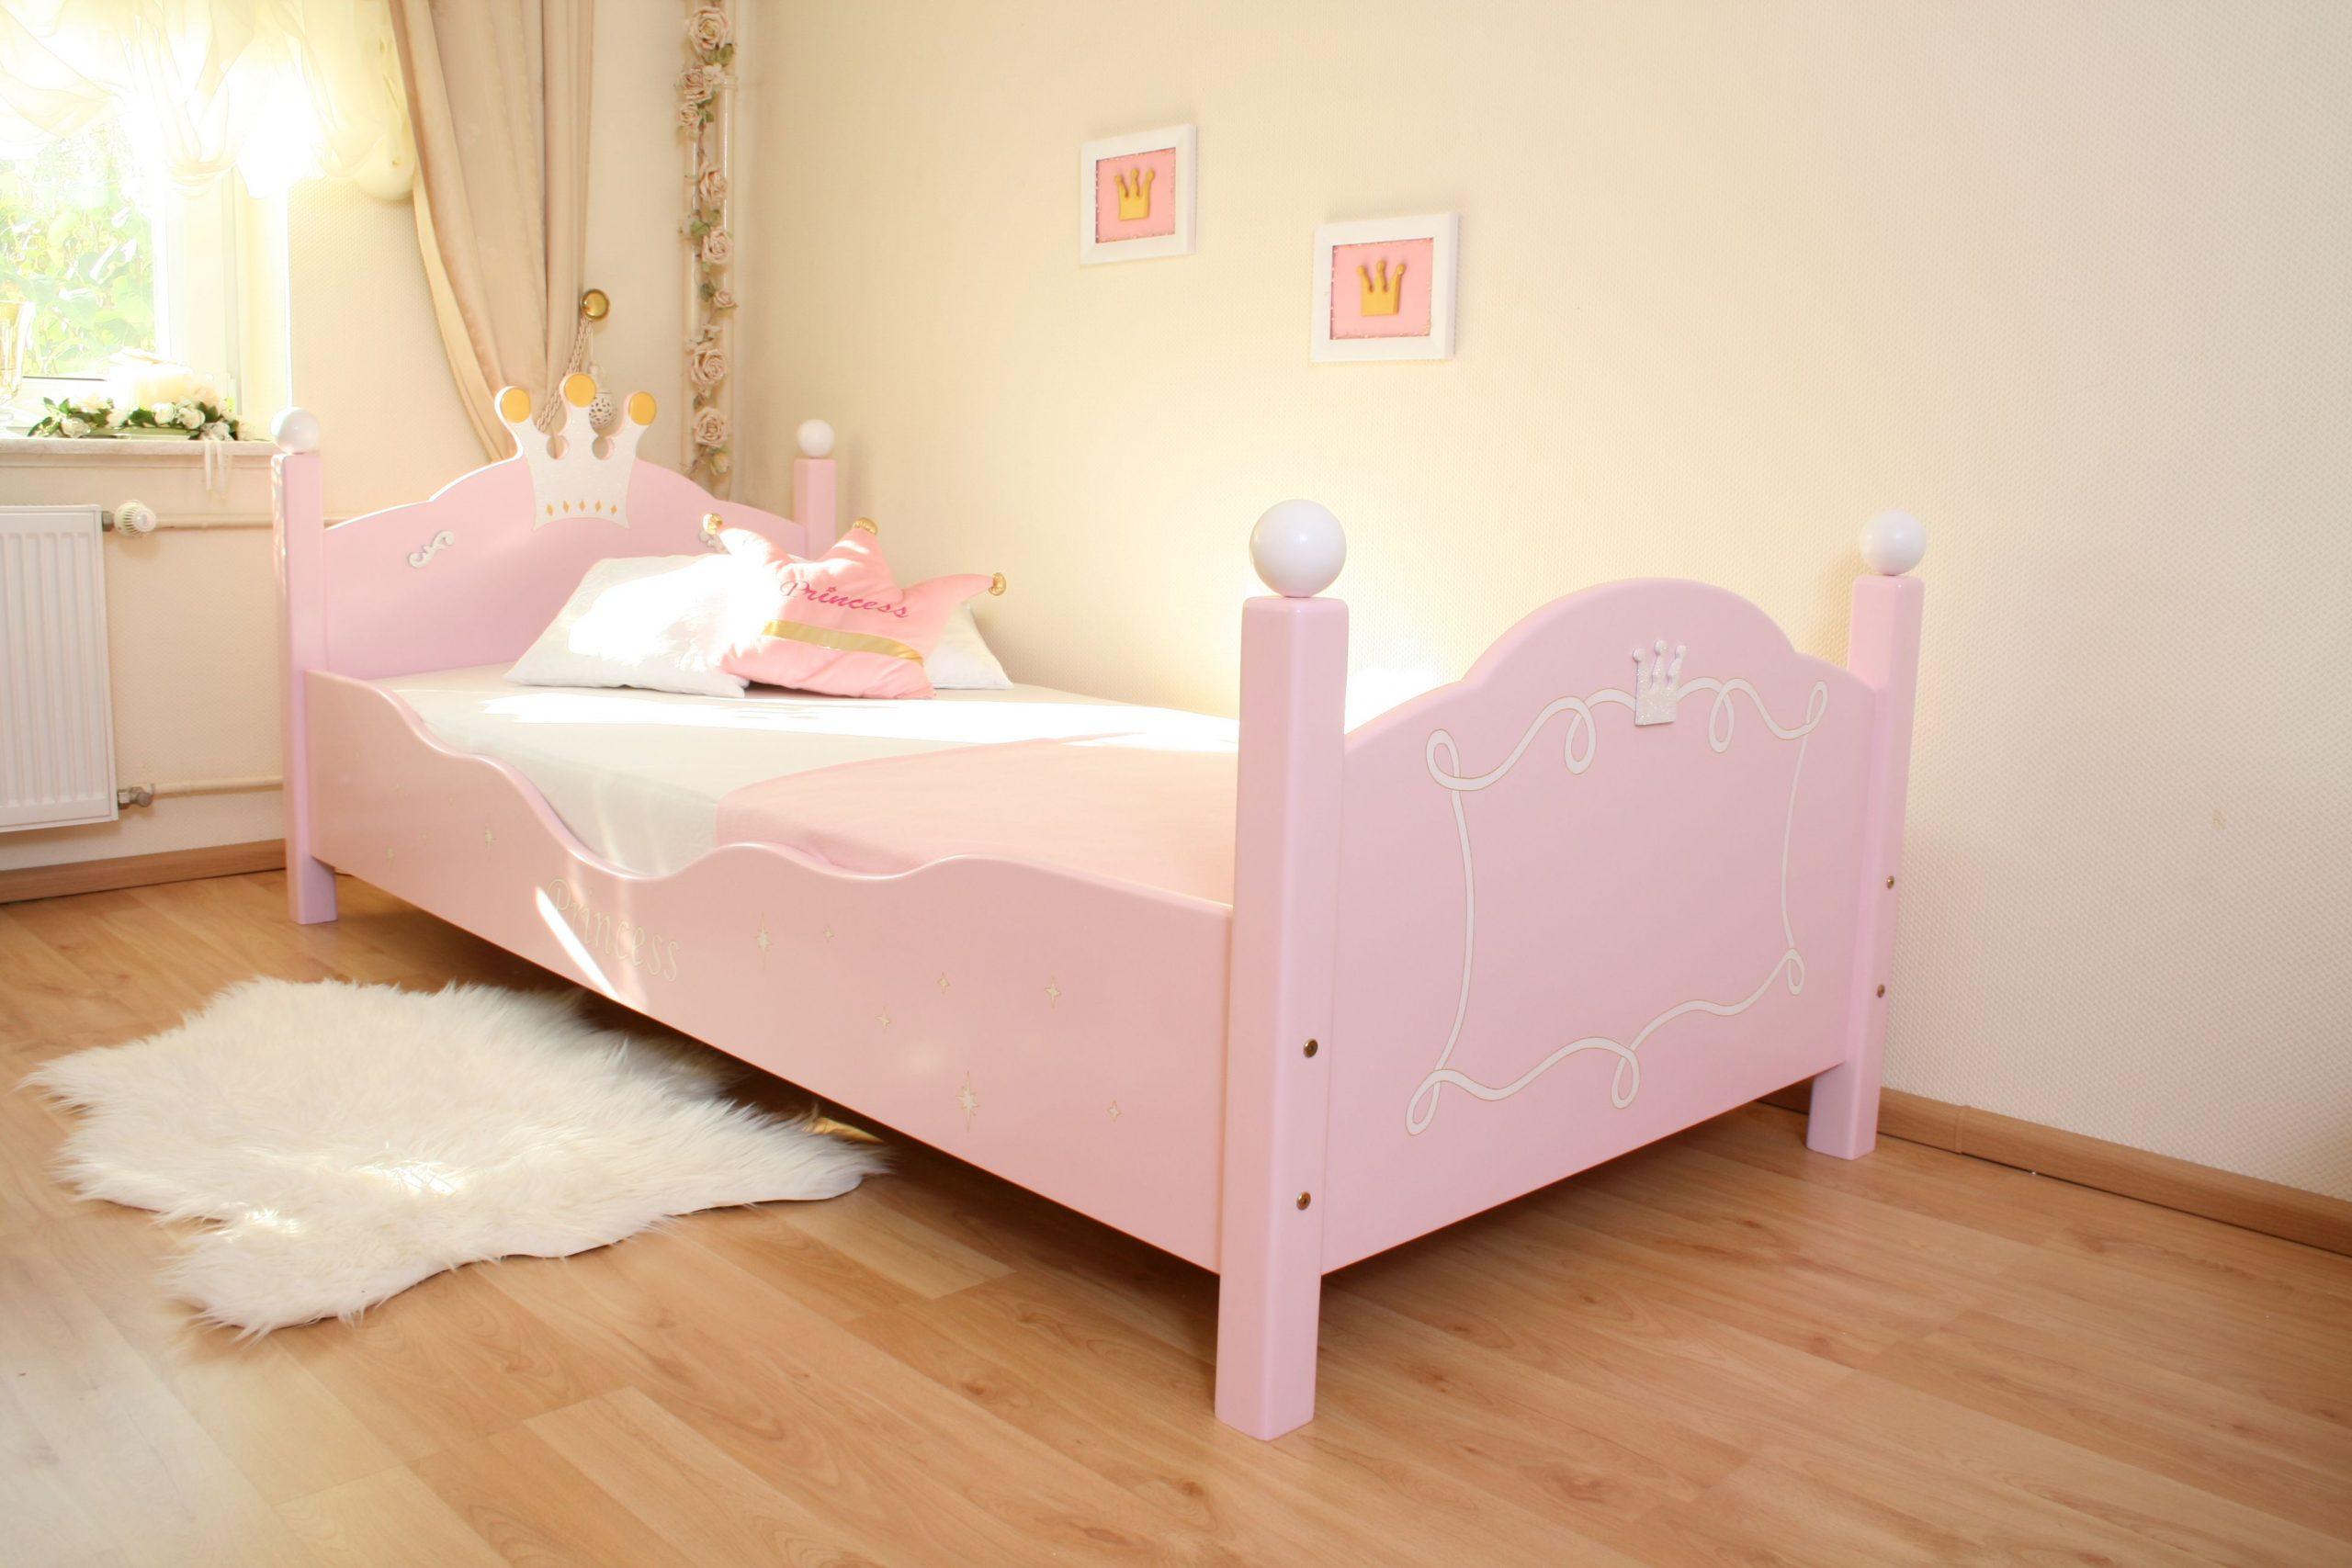 Full Size of Prinzessin Bett 90x200 Weiß Mit Schubladen Betten Günstig Kaufen Kopfteile Für Halbhohes 140x200 Ohne Kopfteil überlänge Einfaches Billige 180x200 Bett Prinzessin Bett